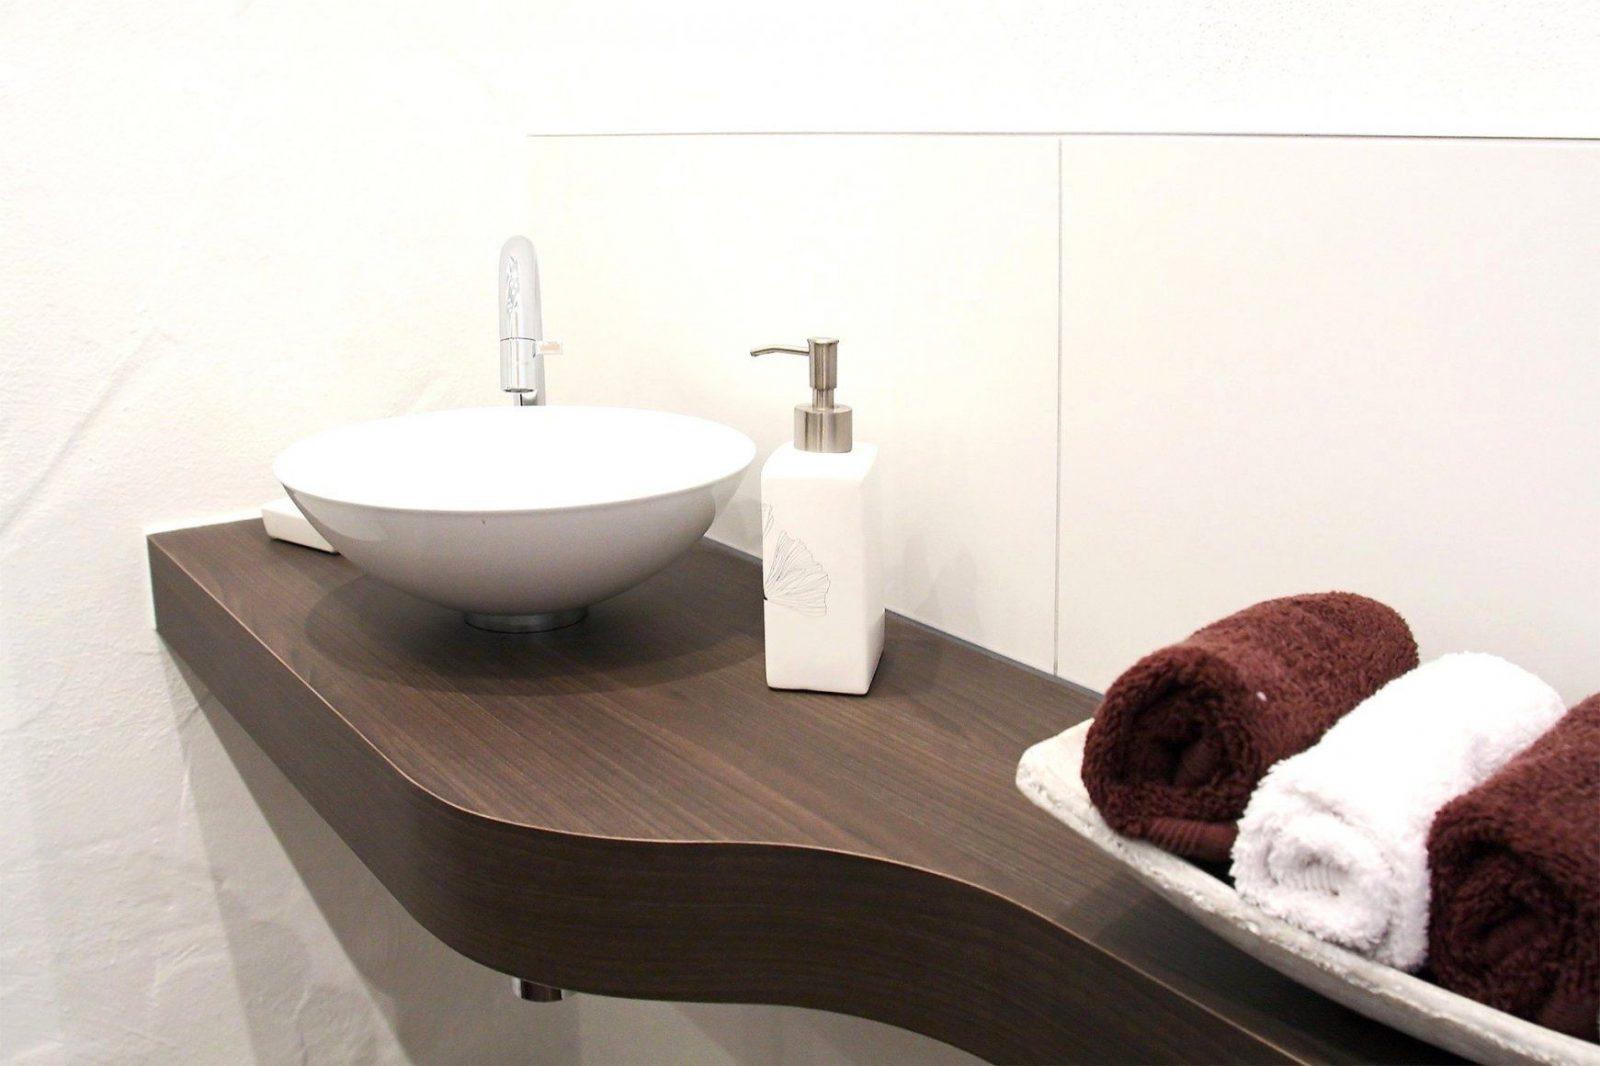 Spannende Handwaschbecken Gäste Wc 45 Waschbecken Fã R Gã Ste Wc von Waschbecken Gäste Wc Ideen Photo